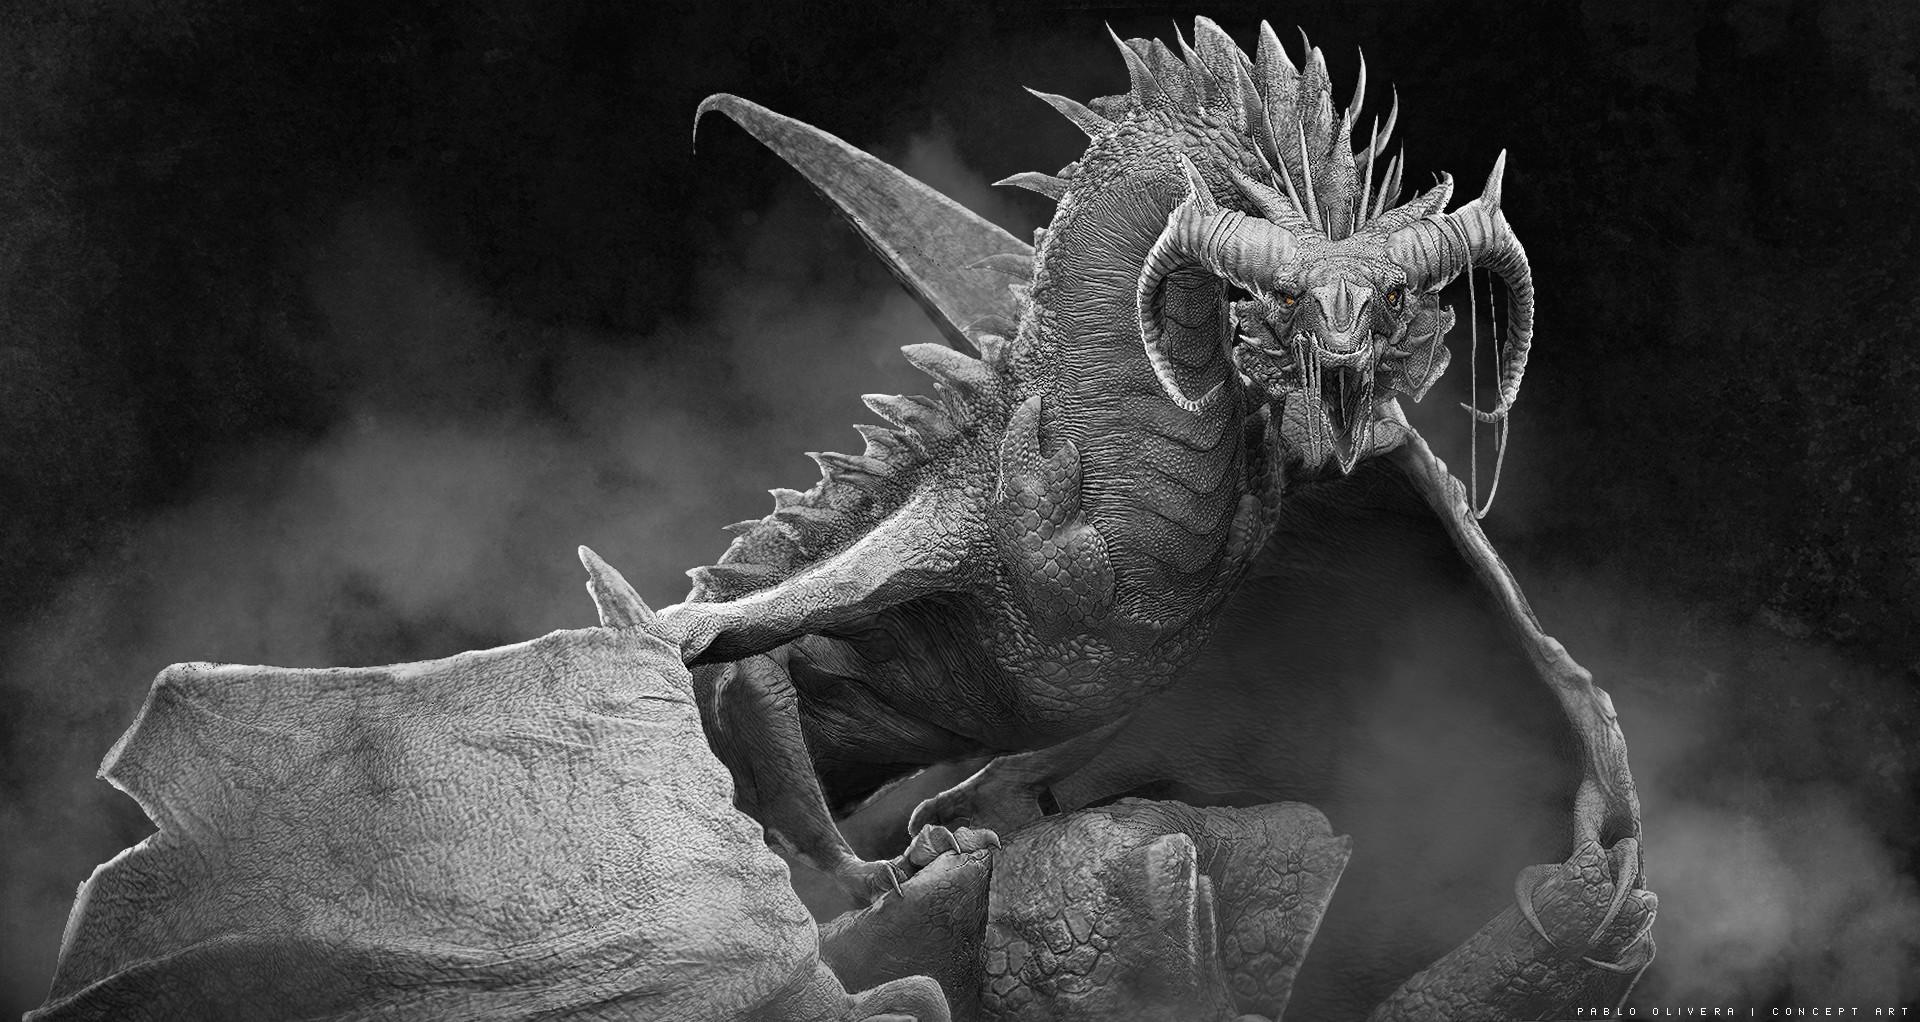 Pablo olivera dragones wacom zbrush 02